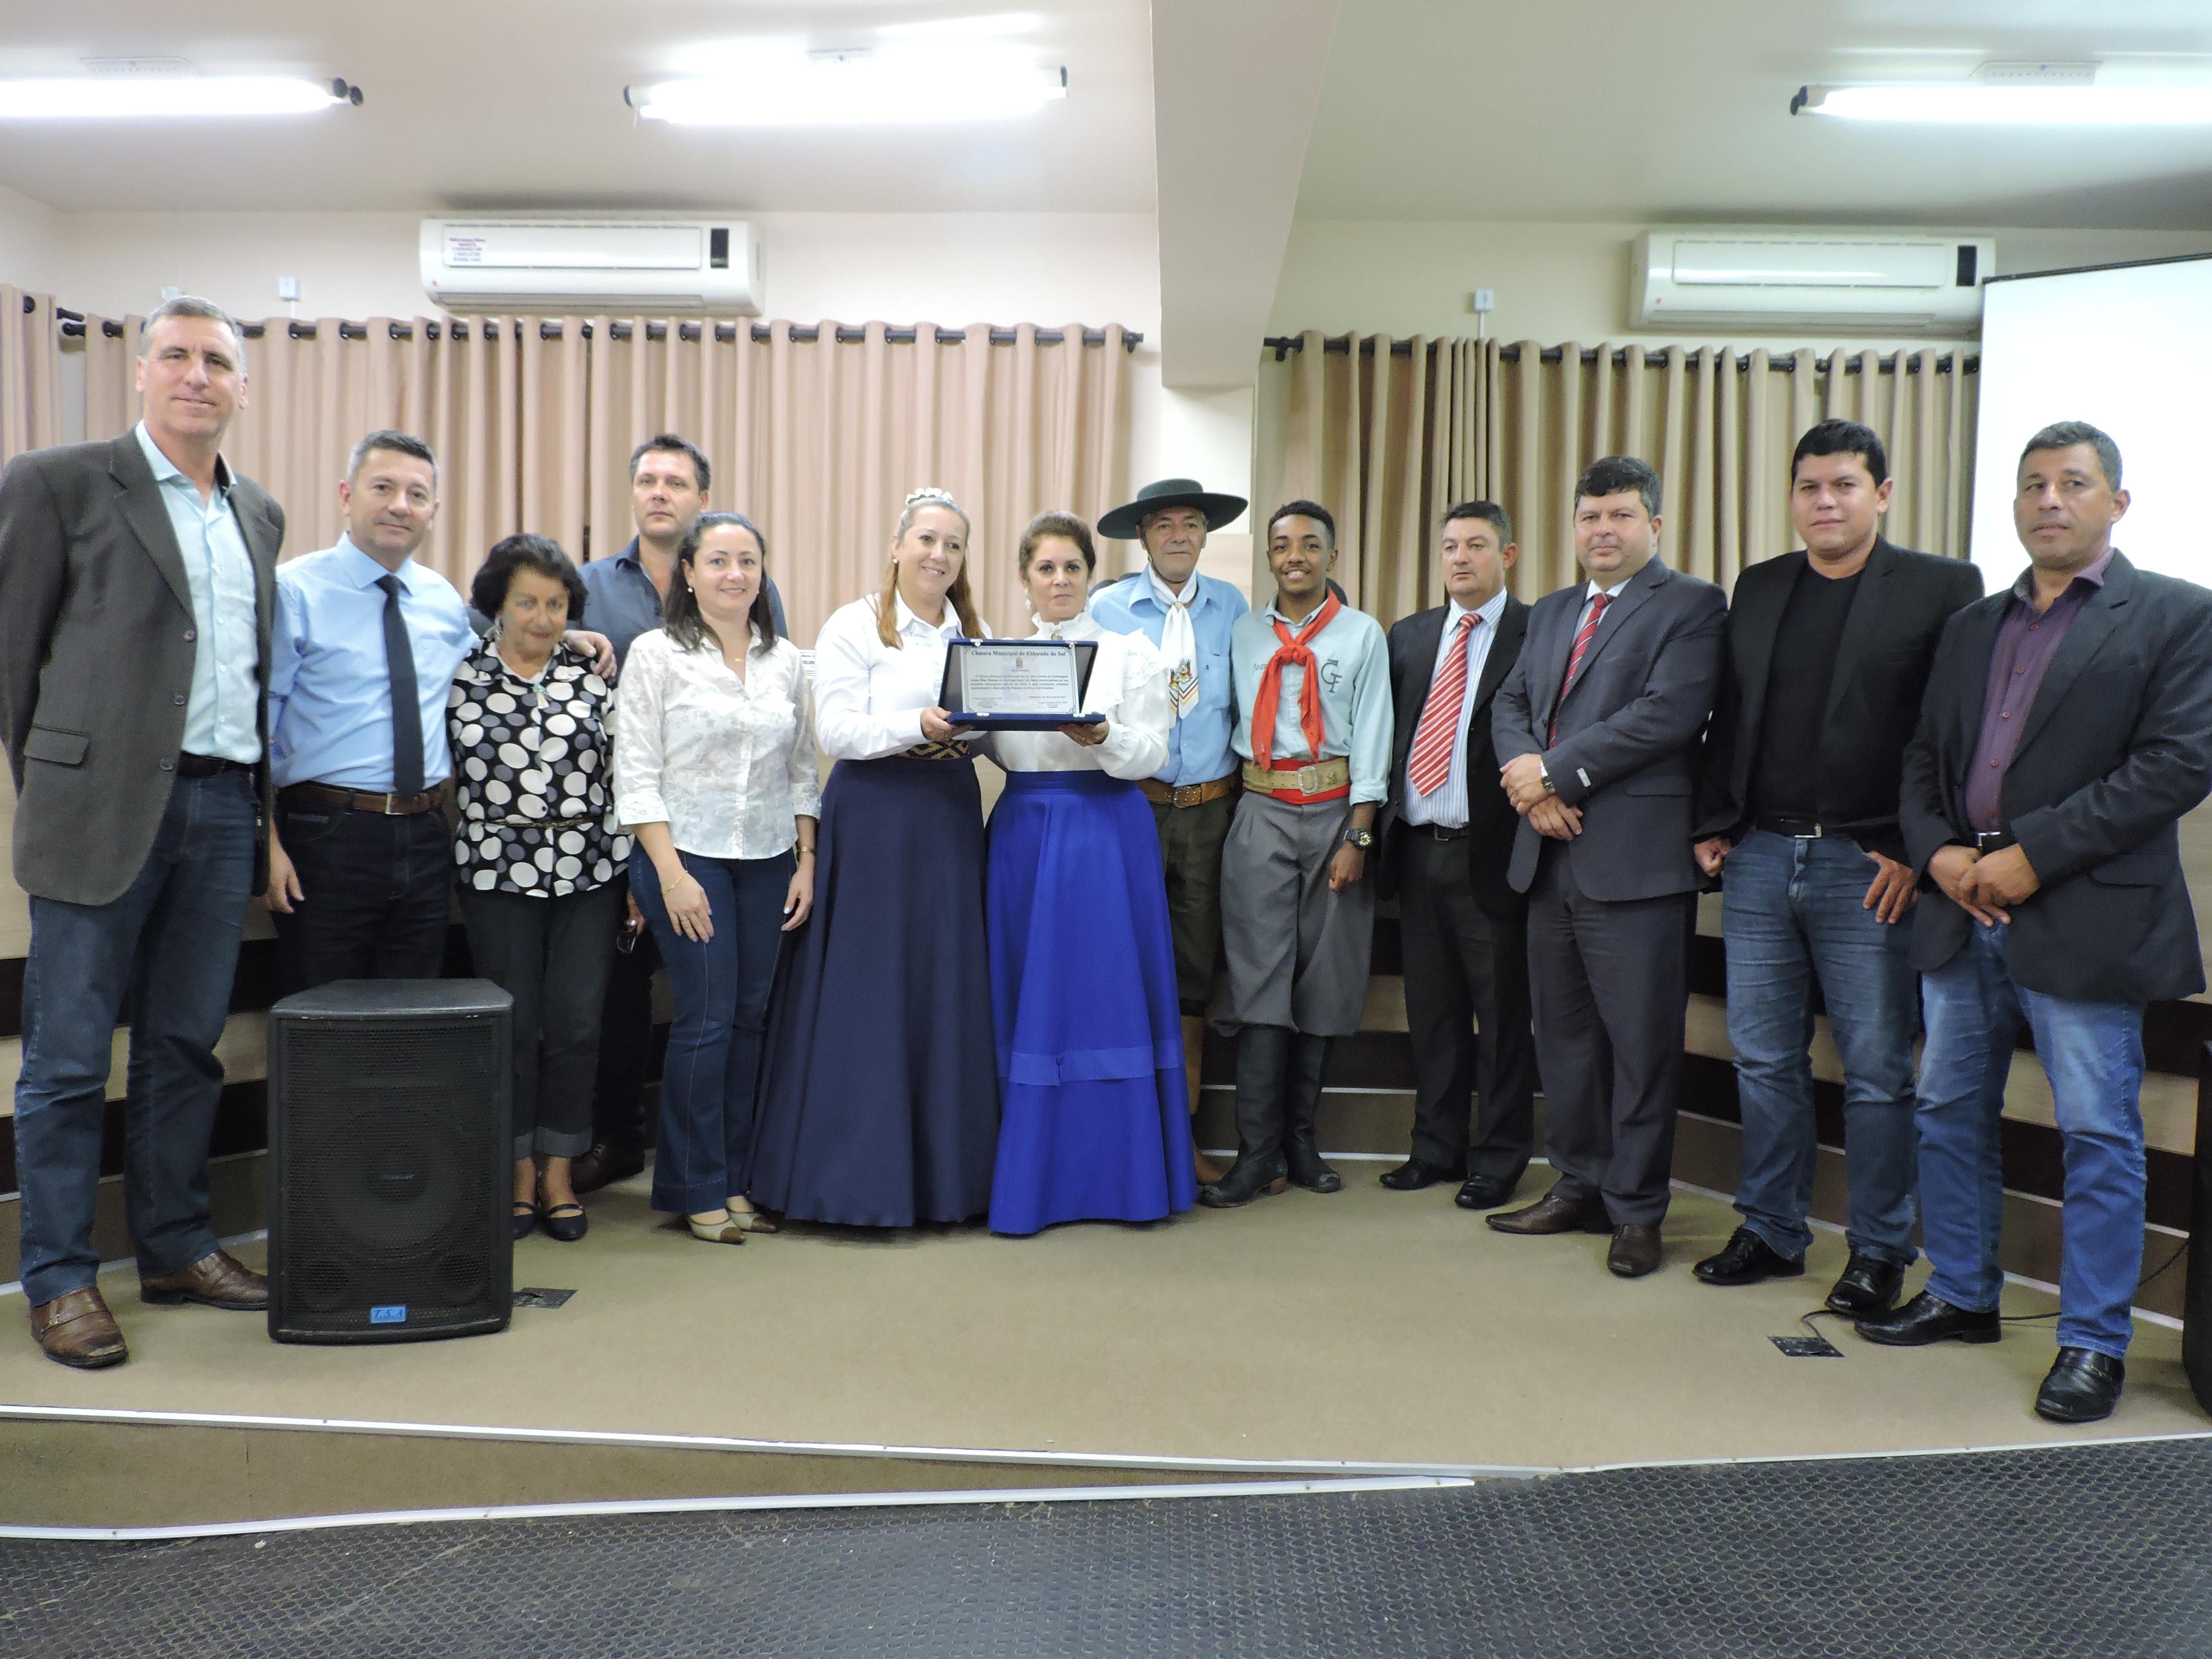 Câmara faz entrega de Moção Honrosa ao jovem Chuleador do município